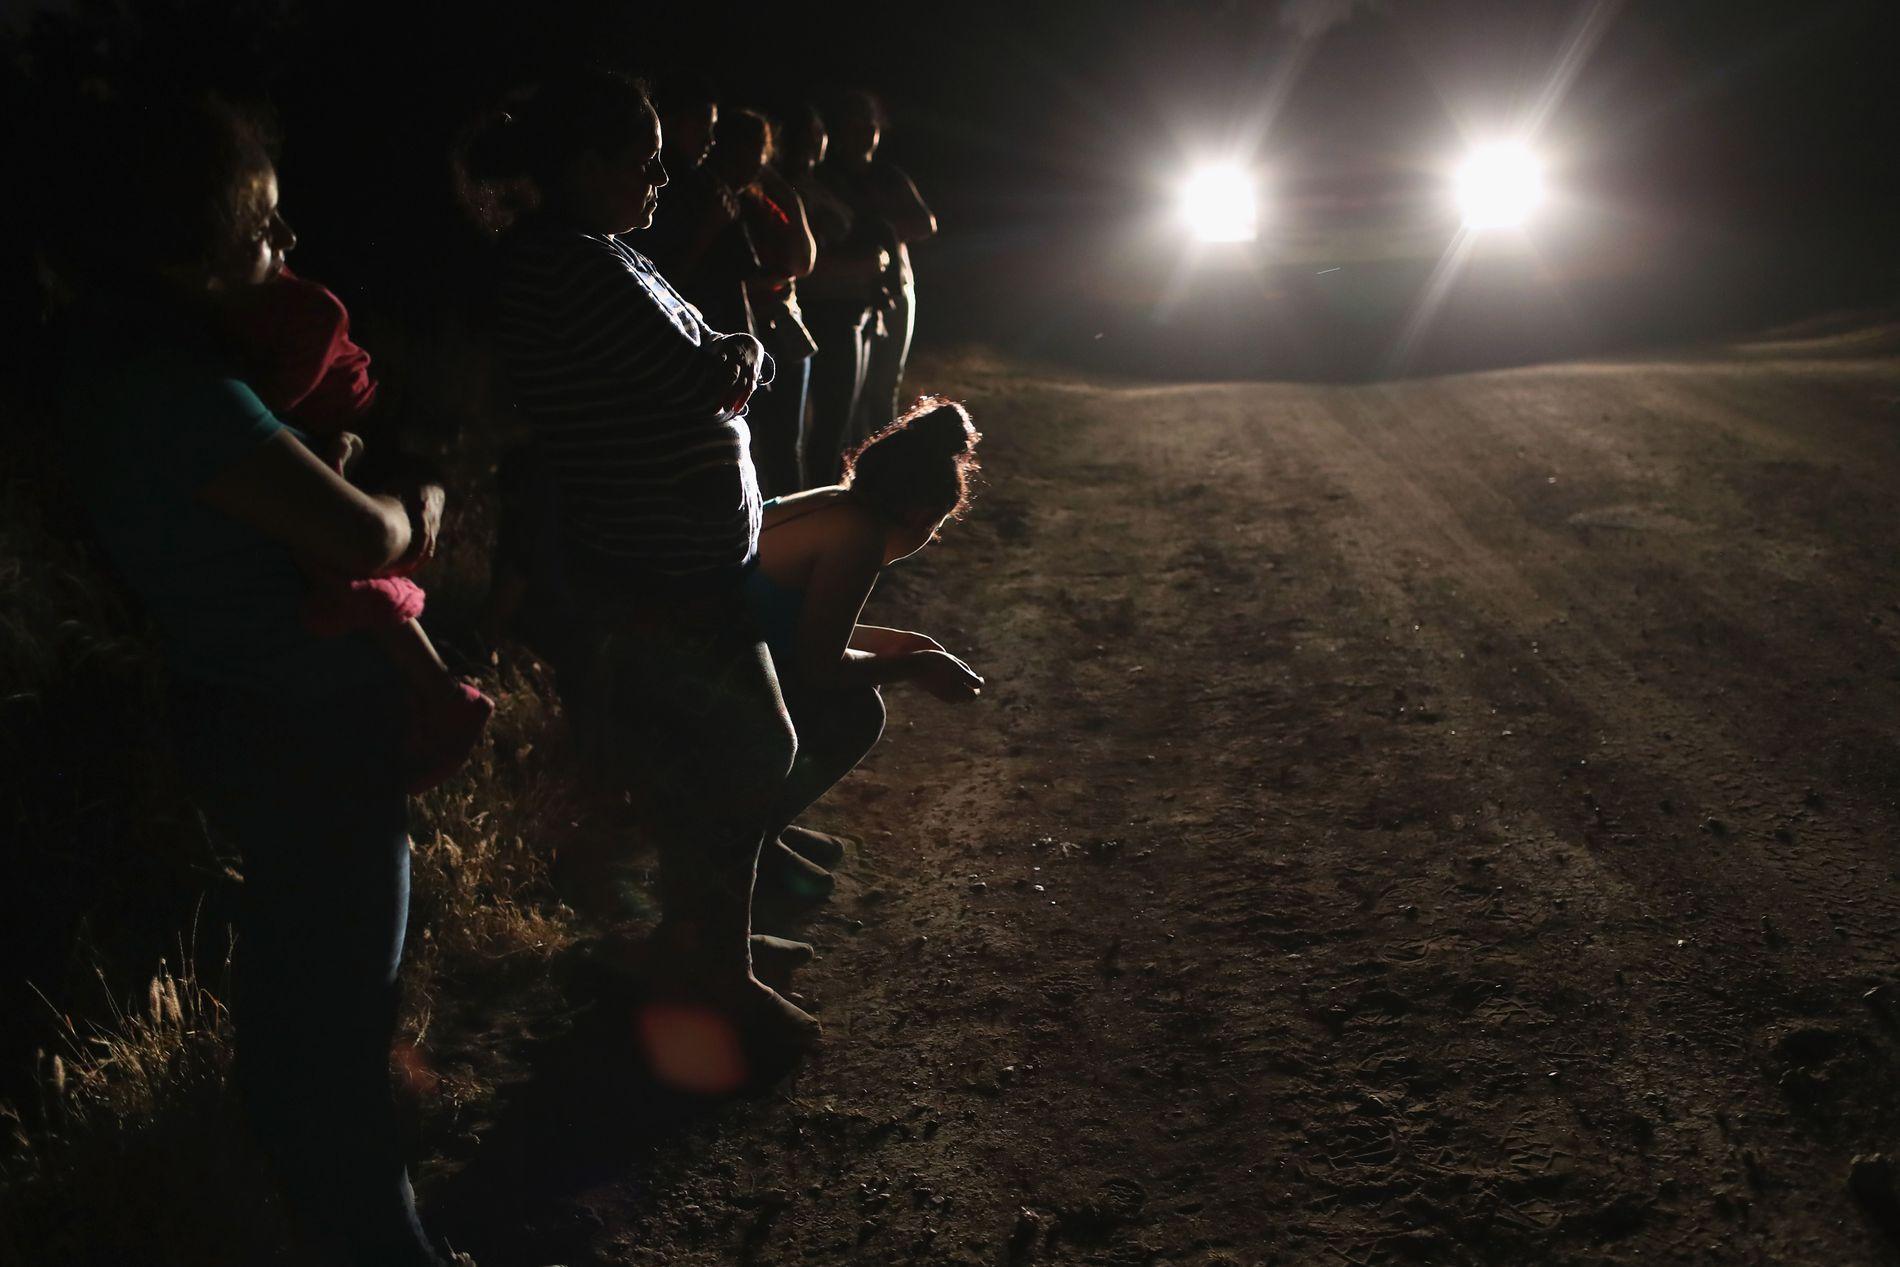 PÅ GRENSEN. Asylsøkere fra Mellom-Amerika blir her tatt med inn av amerikanske grensevakter nær McAllen i Texas den 12. juni i år. I følget var det ei to år gammel jente fra Honduras.